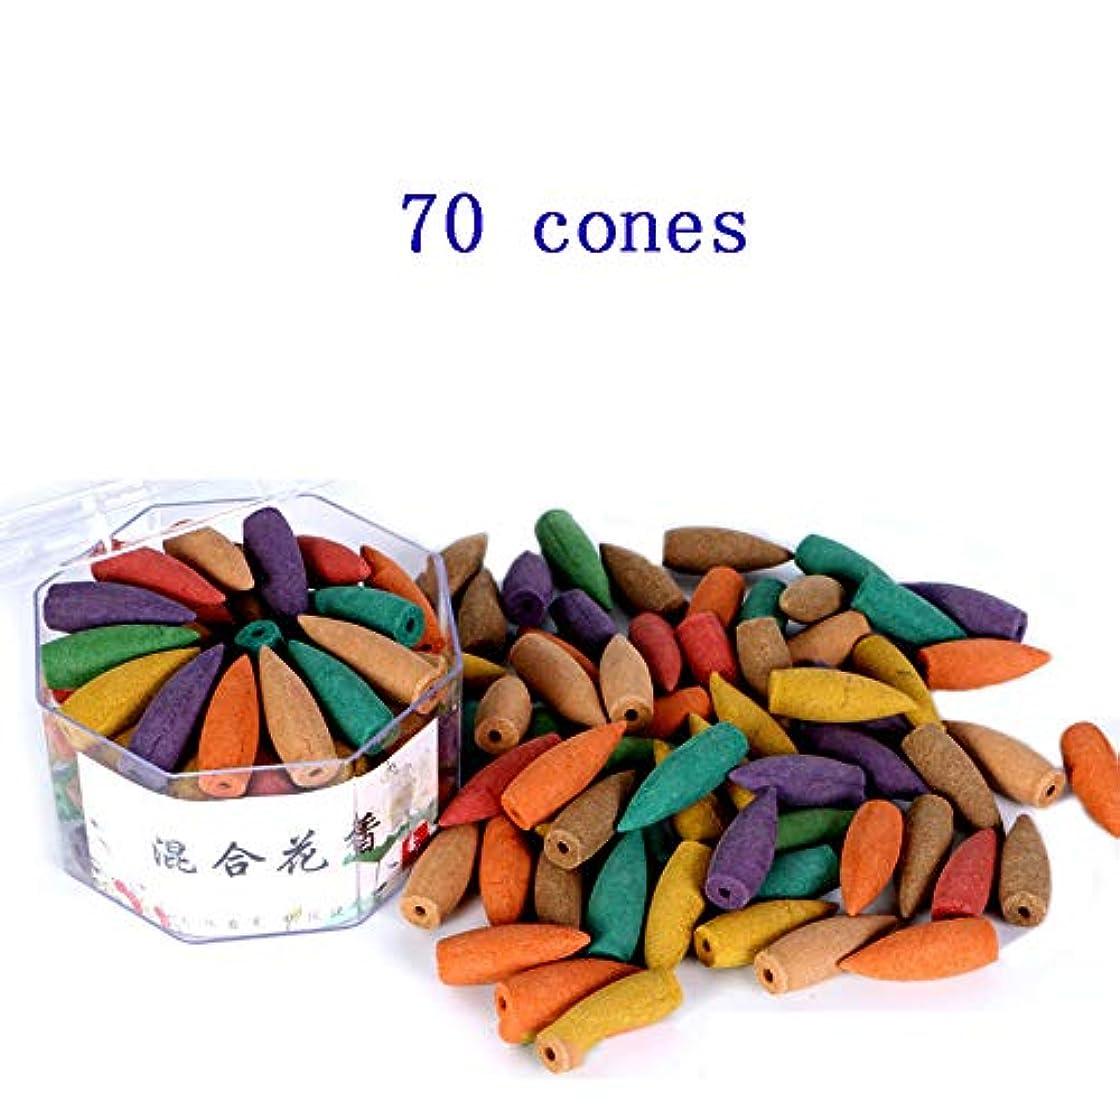 痴漢細断錆び(In-70mixed) - Corcio 70pcs/box Lengthened Cone Tower Incense Backflow Incense Waterfall Cones for Incense Burner...